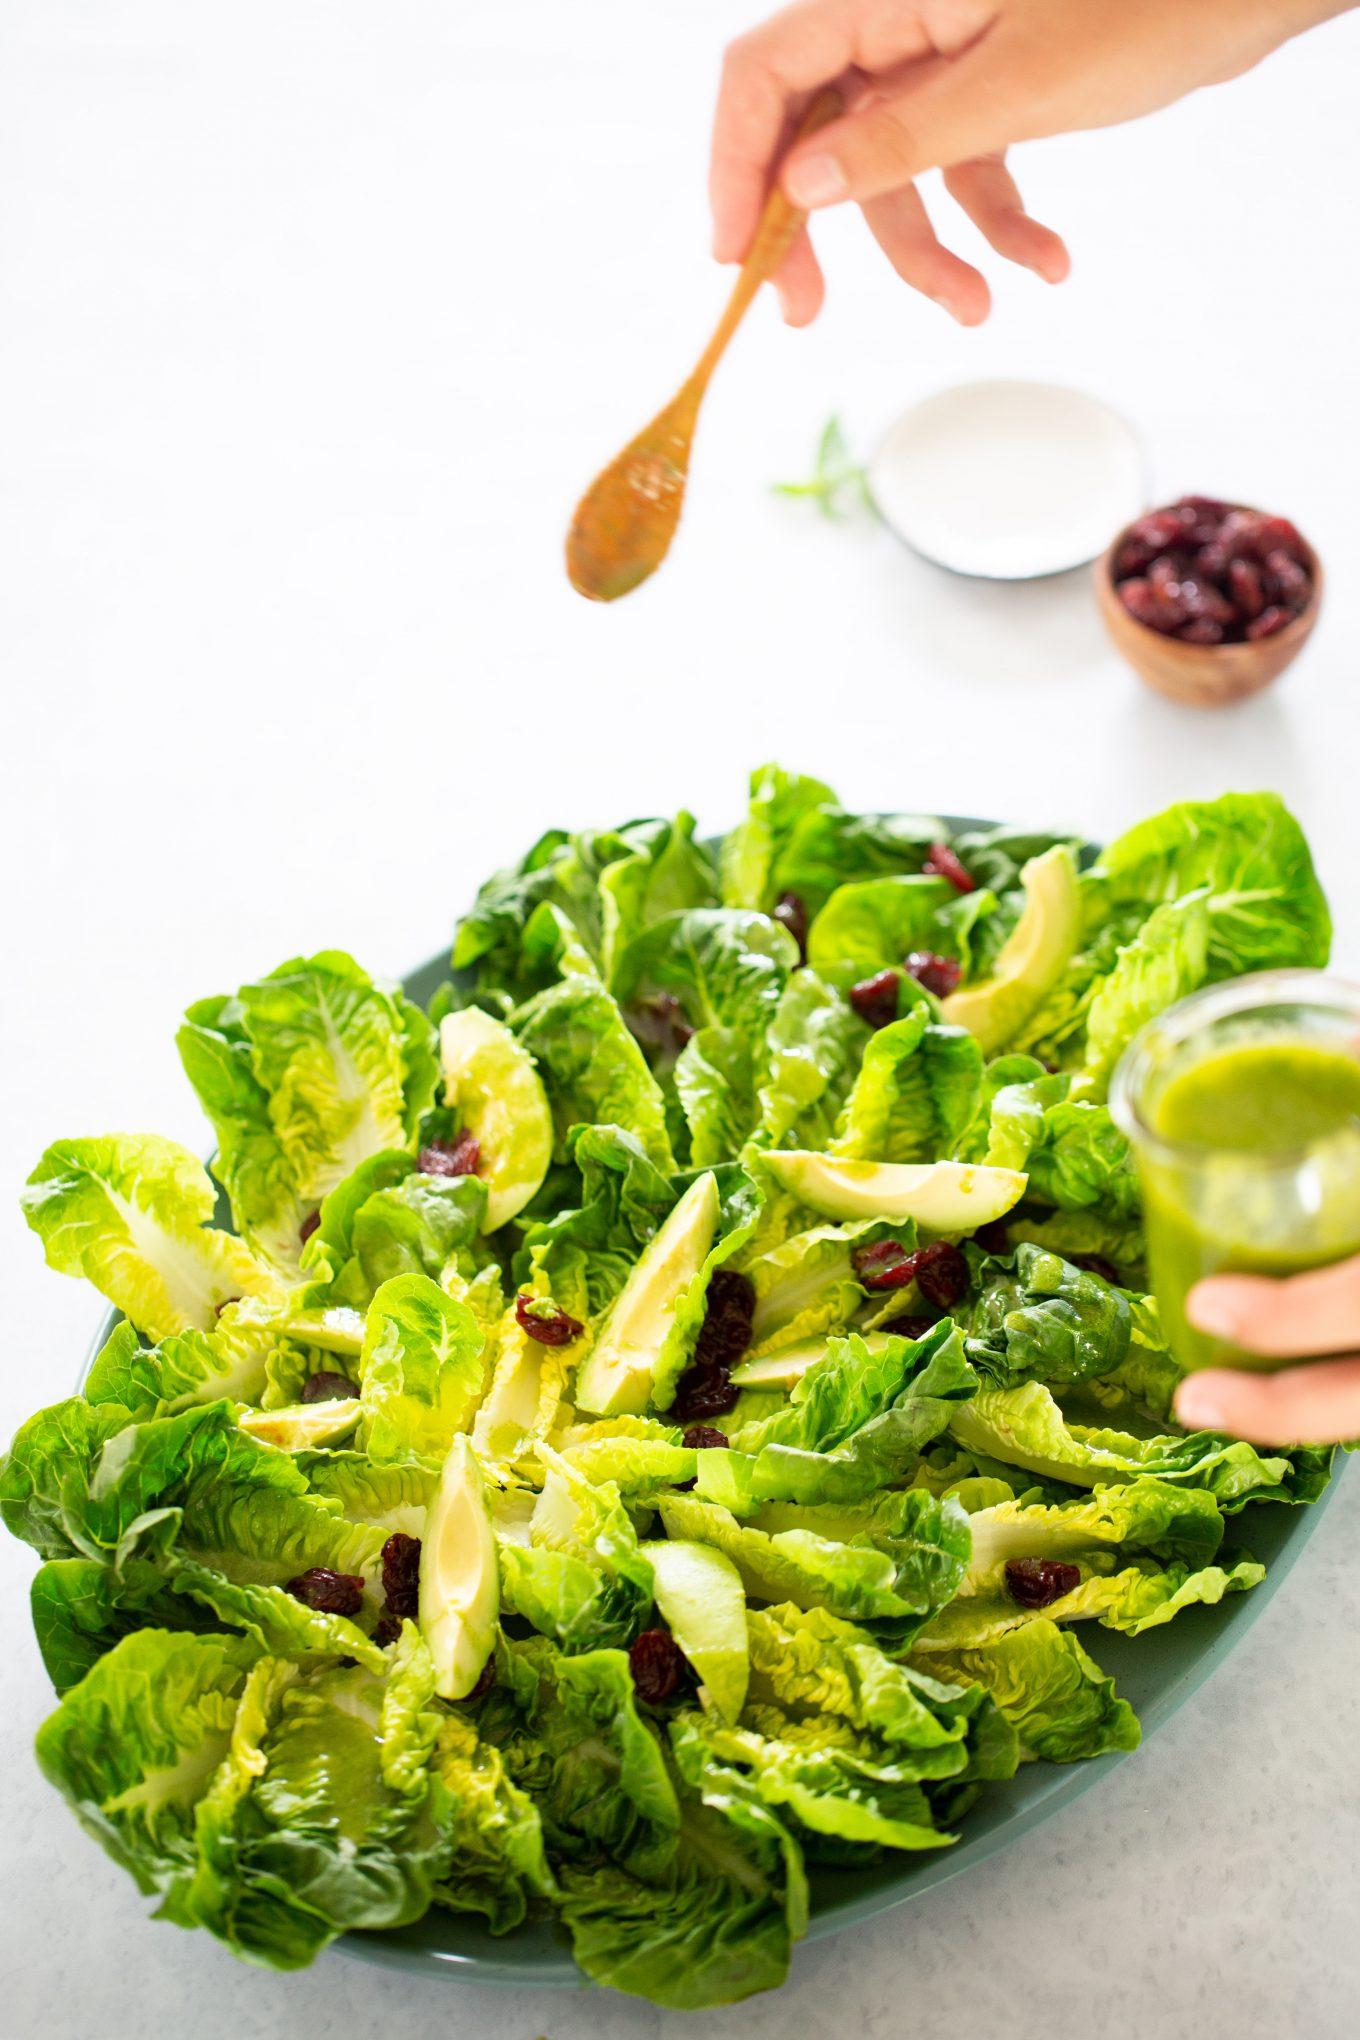 gotas de Aderezo de albahaca cayendo sobre ensalada de hojas verdes